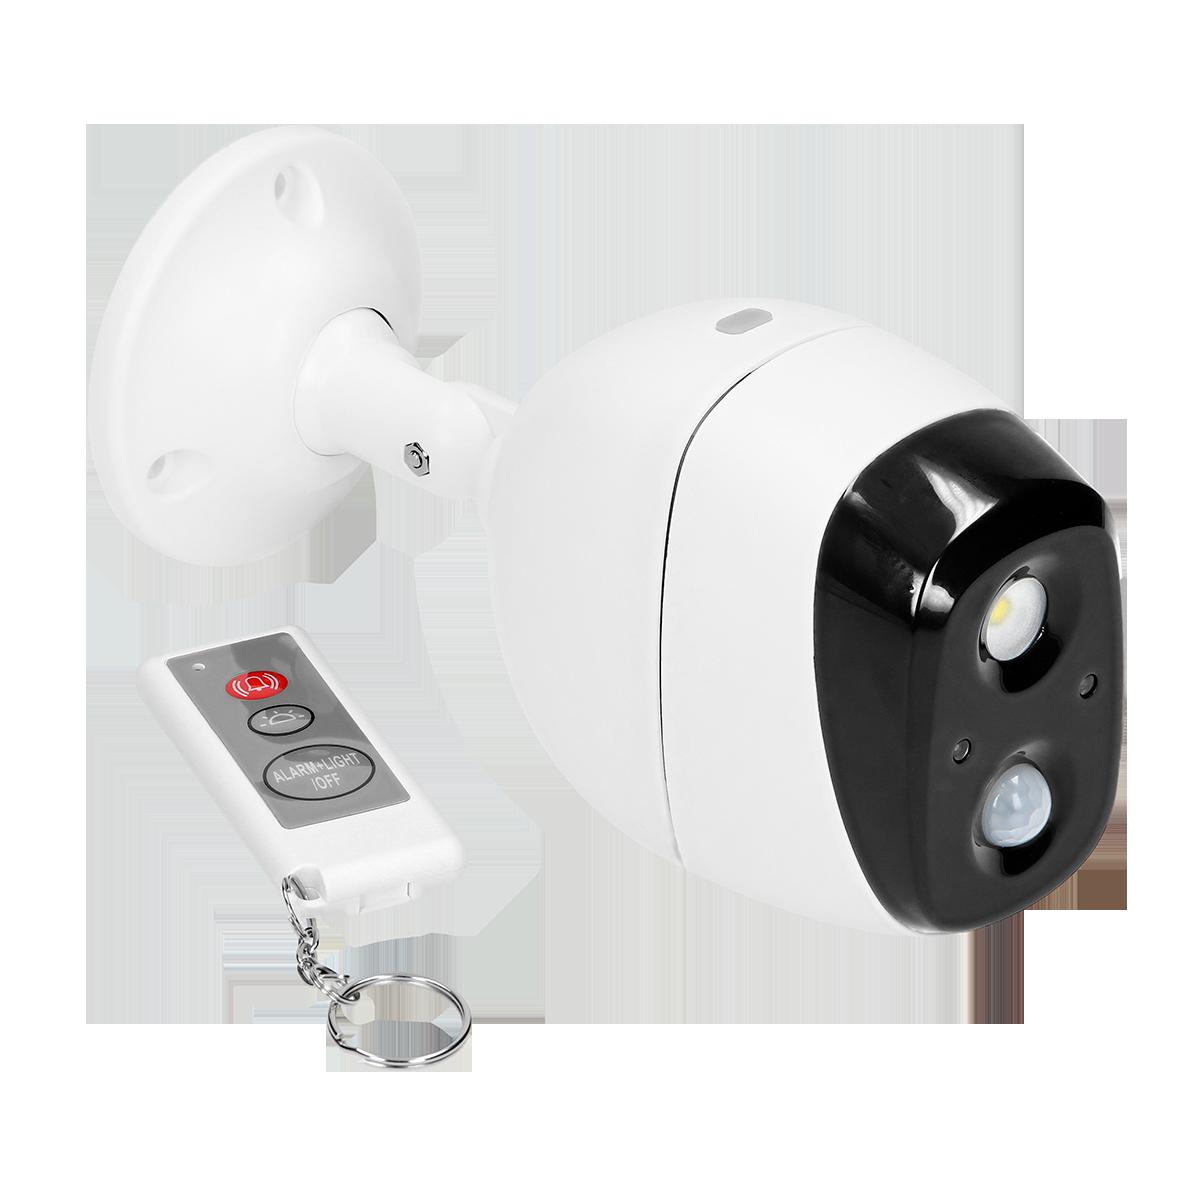 Drahtlose Mini-Alarmanlage mit PIR-Bewegungsmelder und Sirene, ferngesteuert